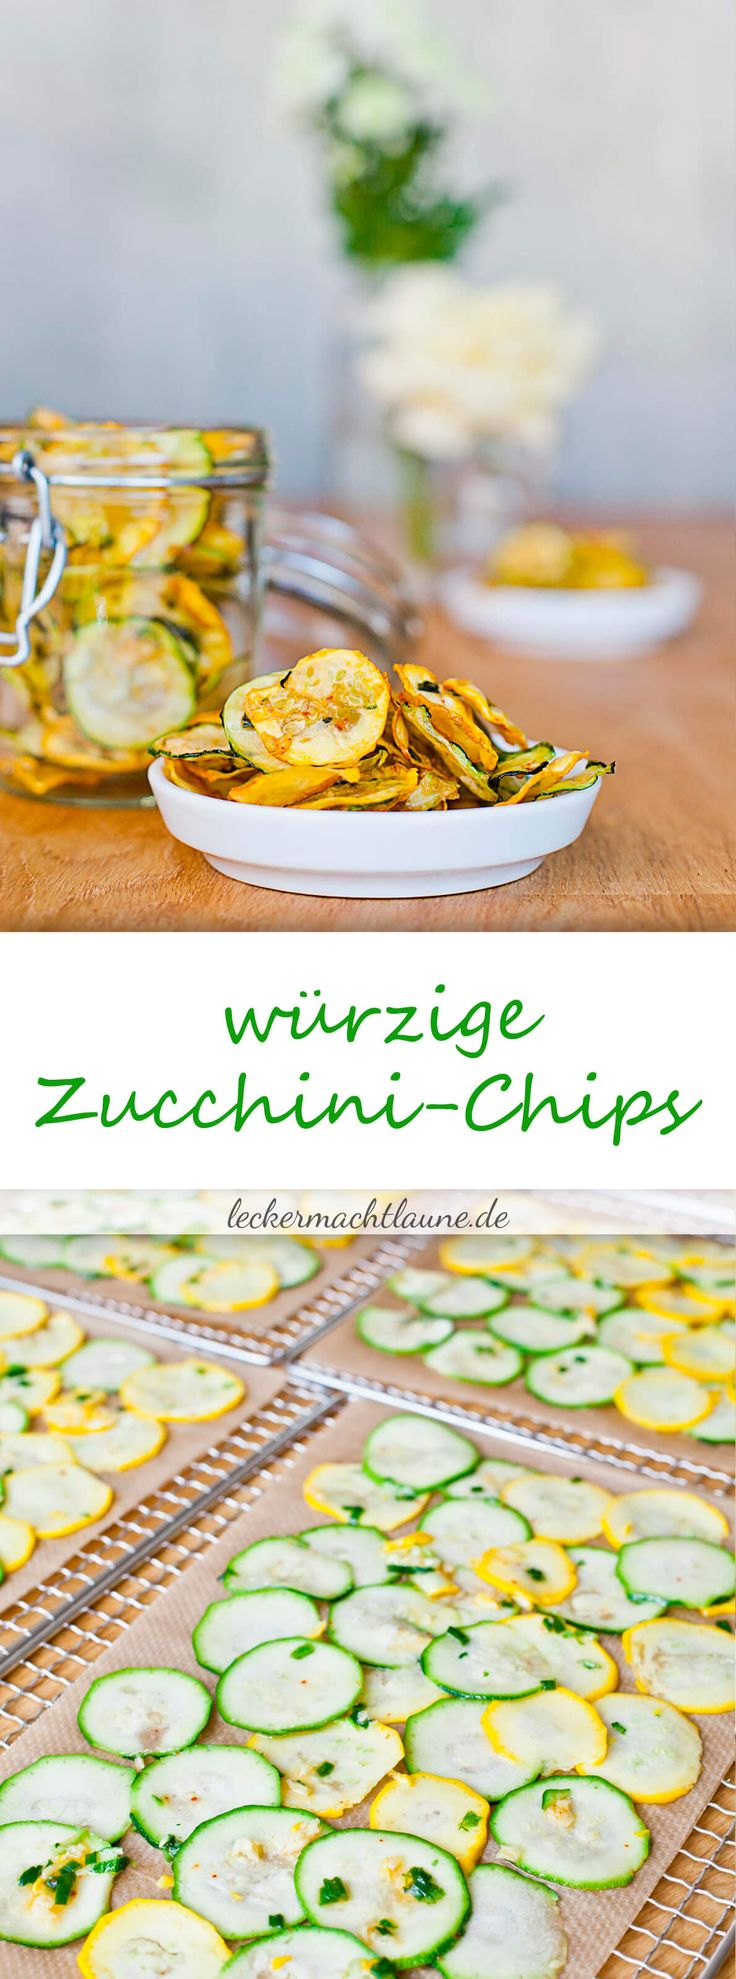 Zucchini-Chips: eine gesunde Alternative zu Kartoffelchips, die nicht nur mithalten kann, sondern sogar noch besser schmeckt. :)